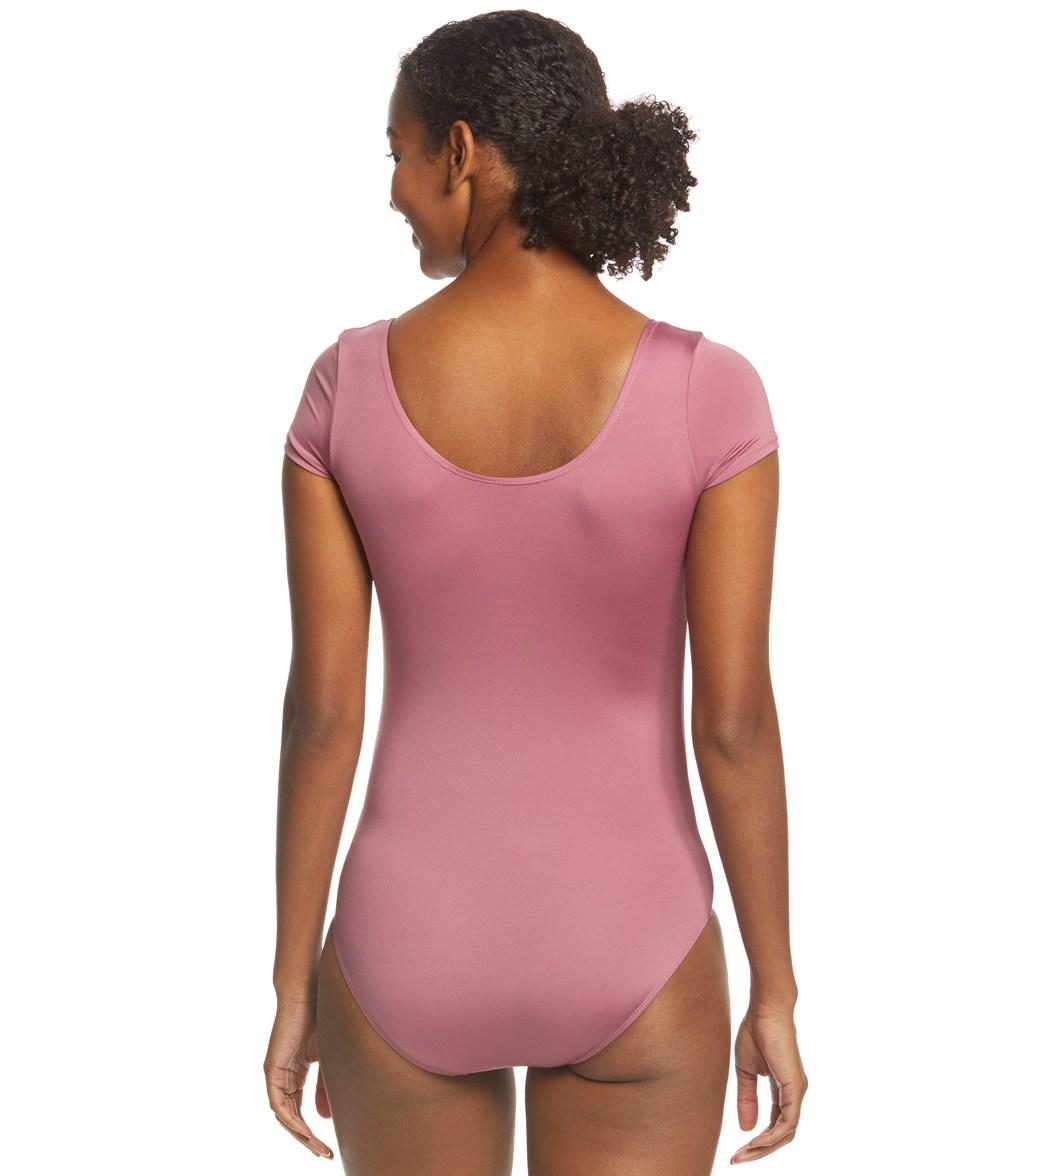 e40e772cf6 Danskin Scoopneck Short Sleeve Yoga & Dance Leotard at YogaOutlet.com